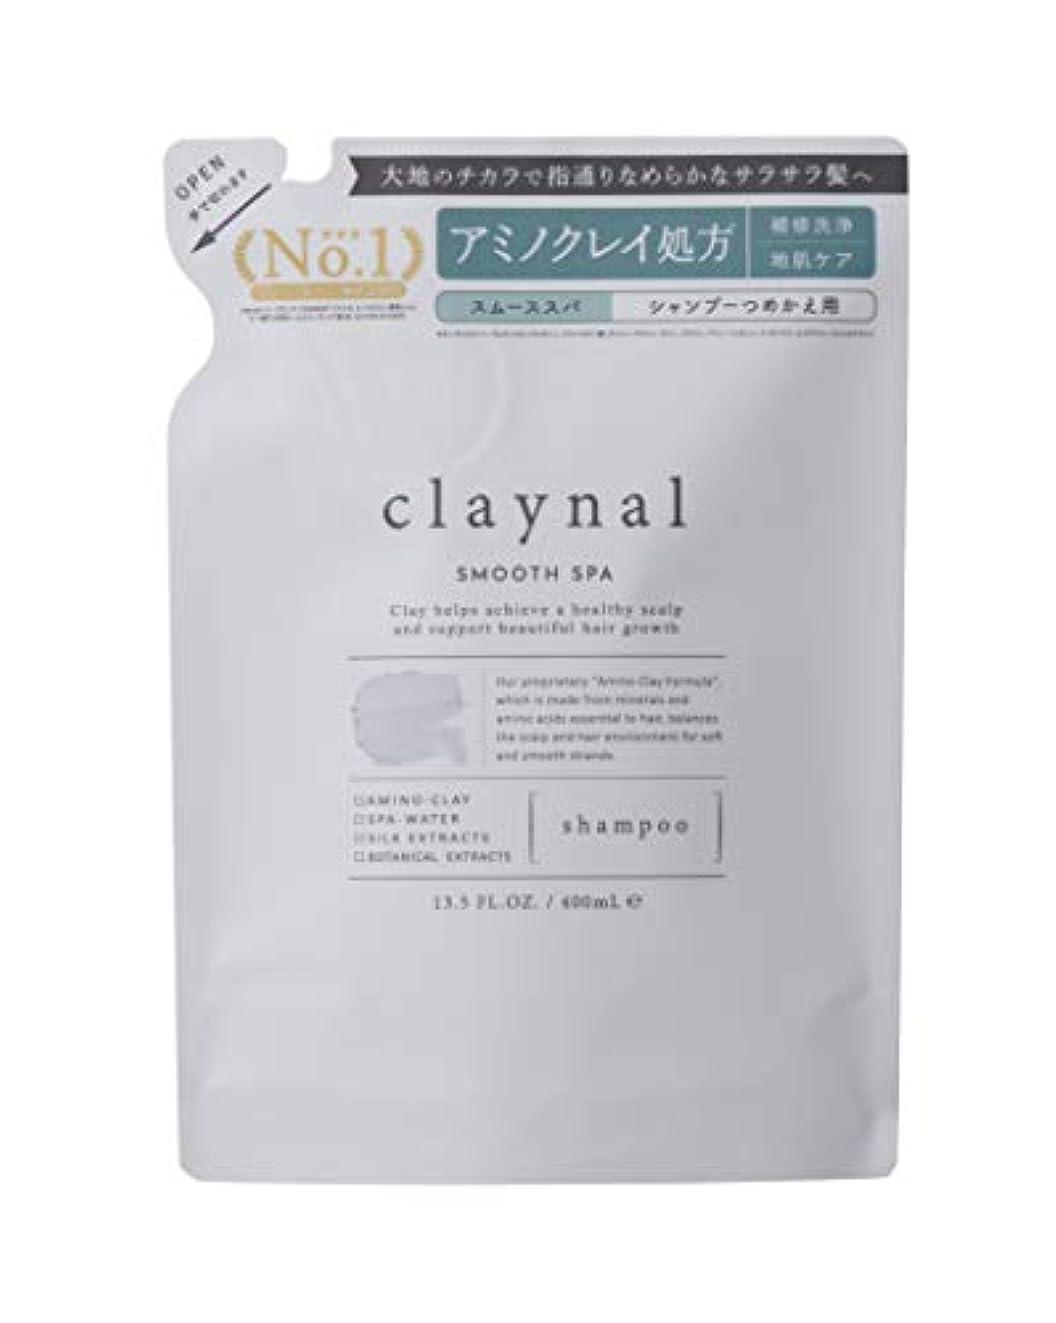 繰り返す連想孤独claynal(クレイナル) クレイナル スムーススパシャンプー(詰替え) 400mL